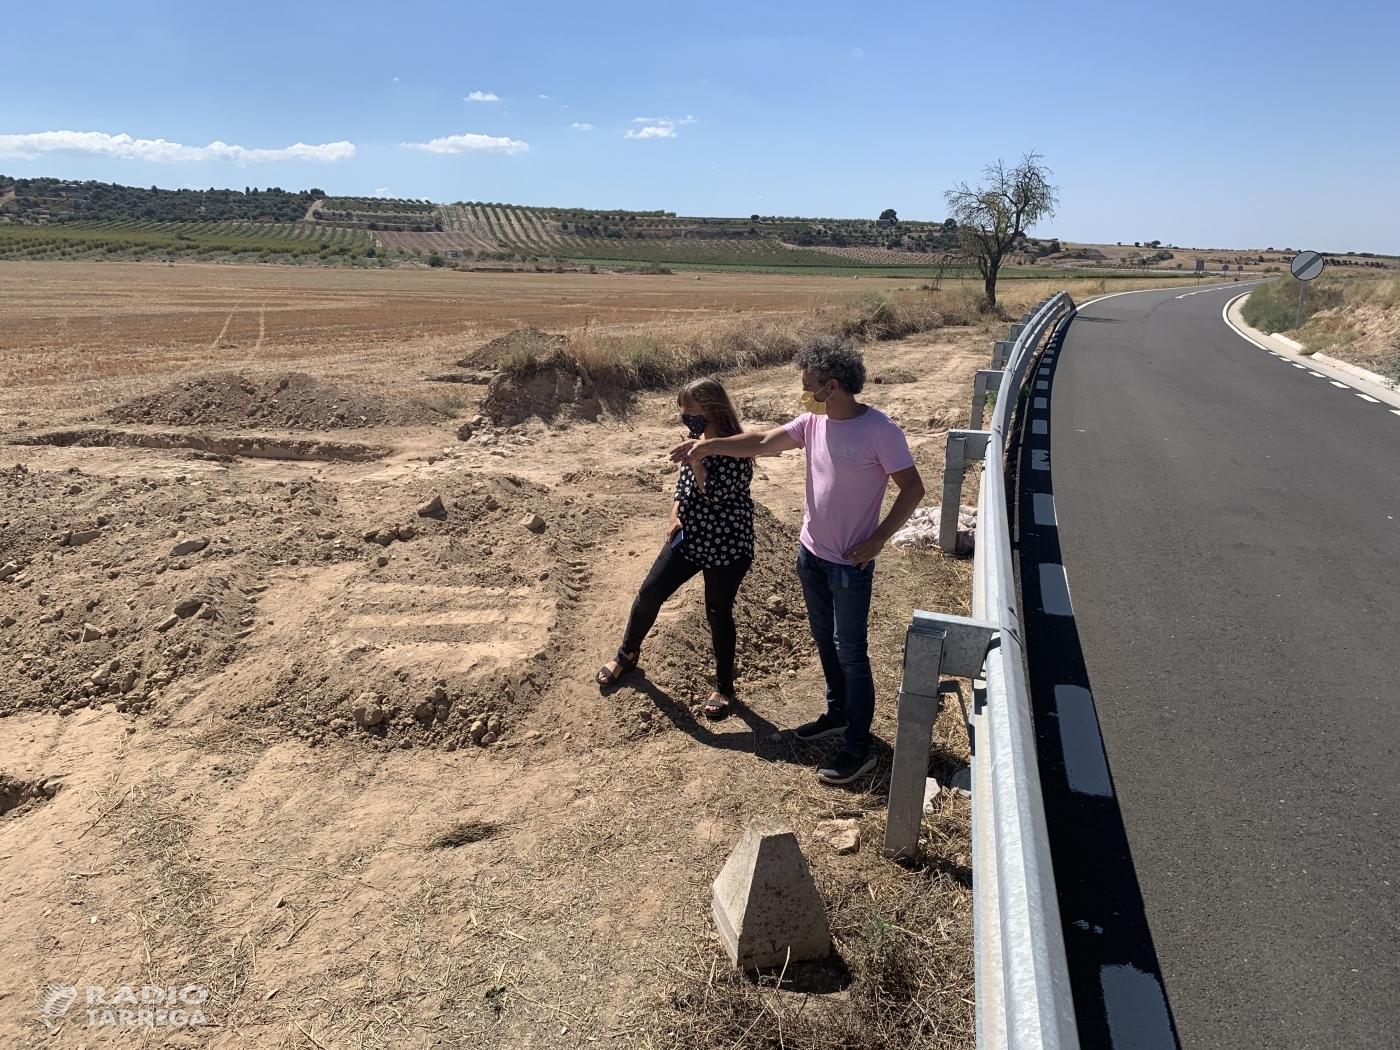 S'inicien les intervencions arqueològiques als Estinclells prèvies a la modificació del traçat de la carretera de Tàrrega a Sant Martí de Maldà